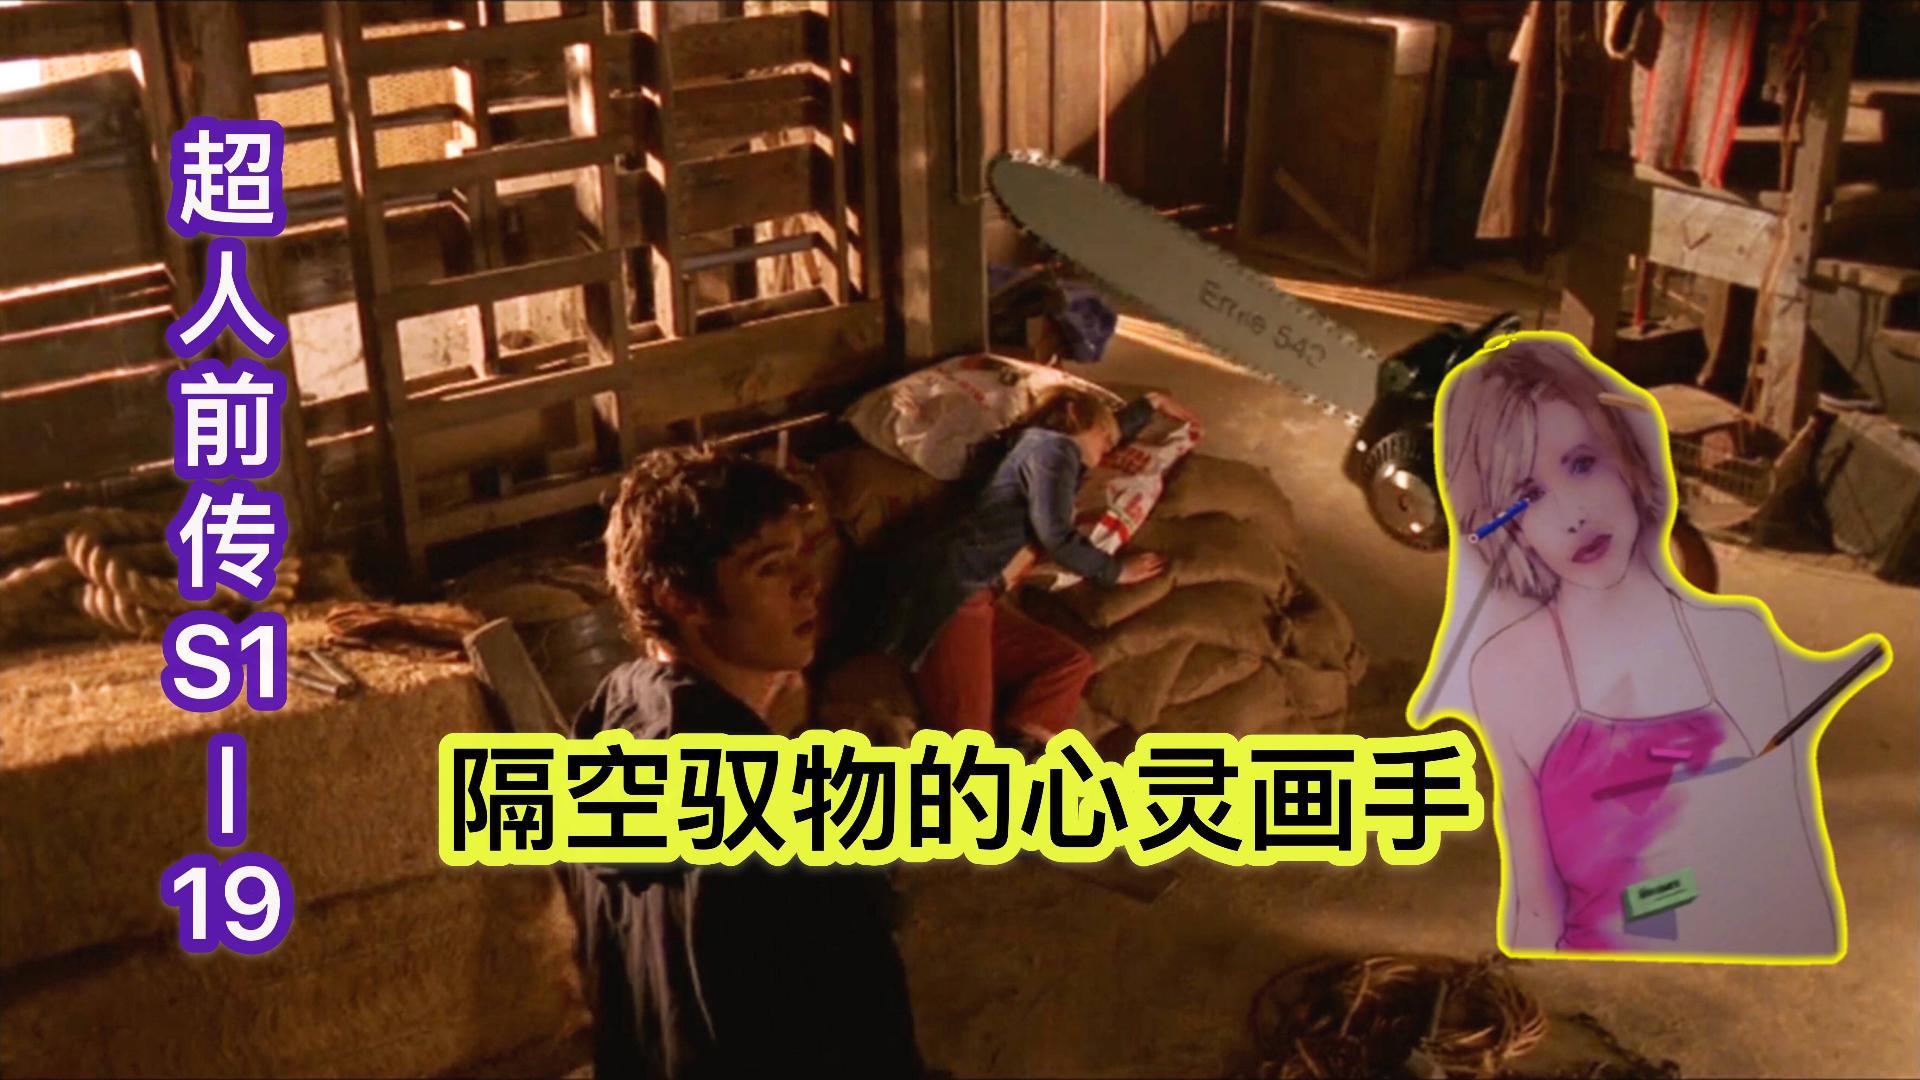 美剧《超人前传》S1-19:拥有神笔马良绝技,隔空取物小菜一碟!